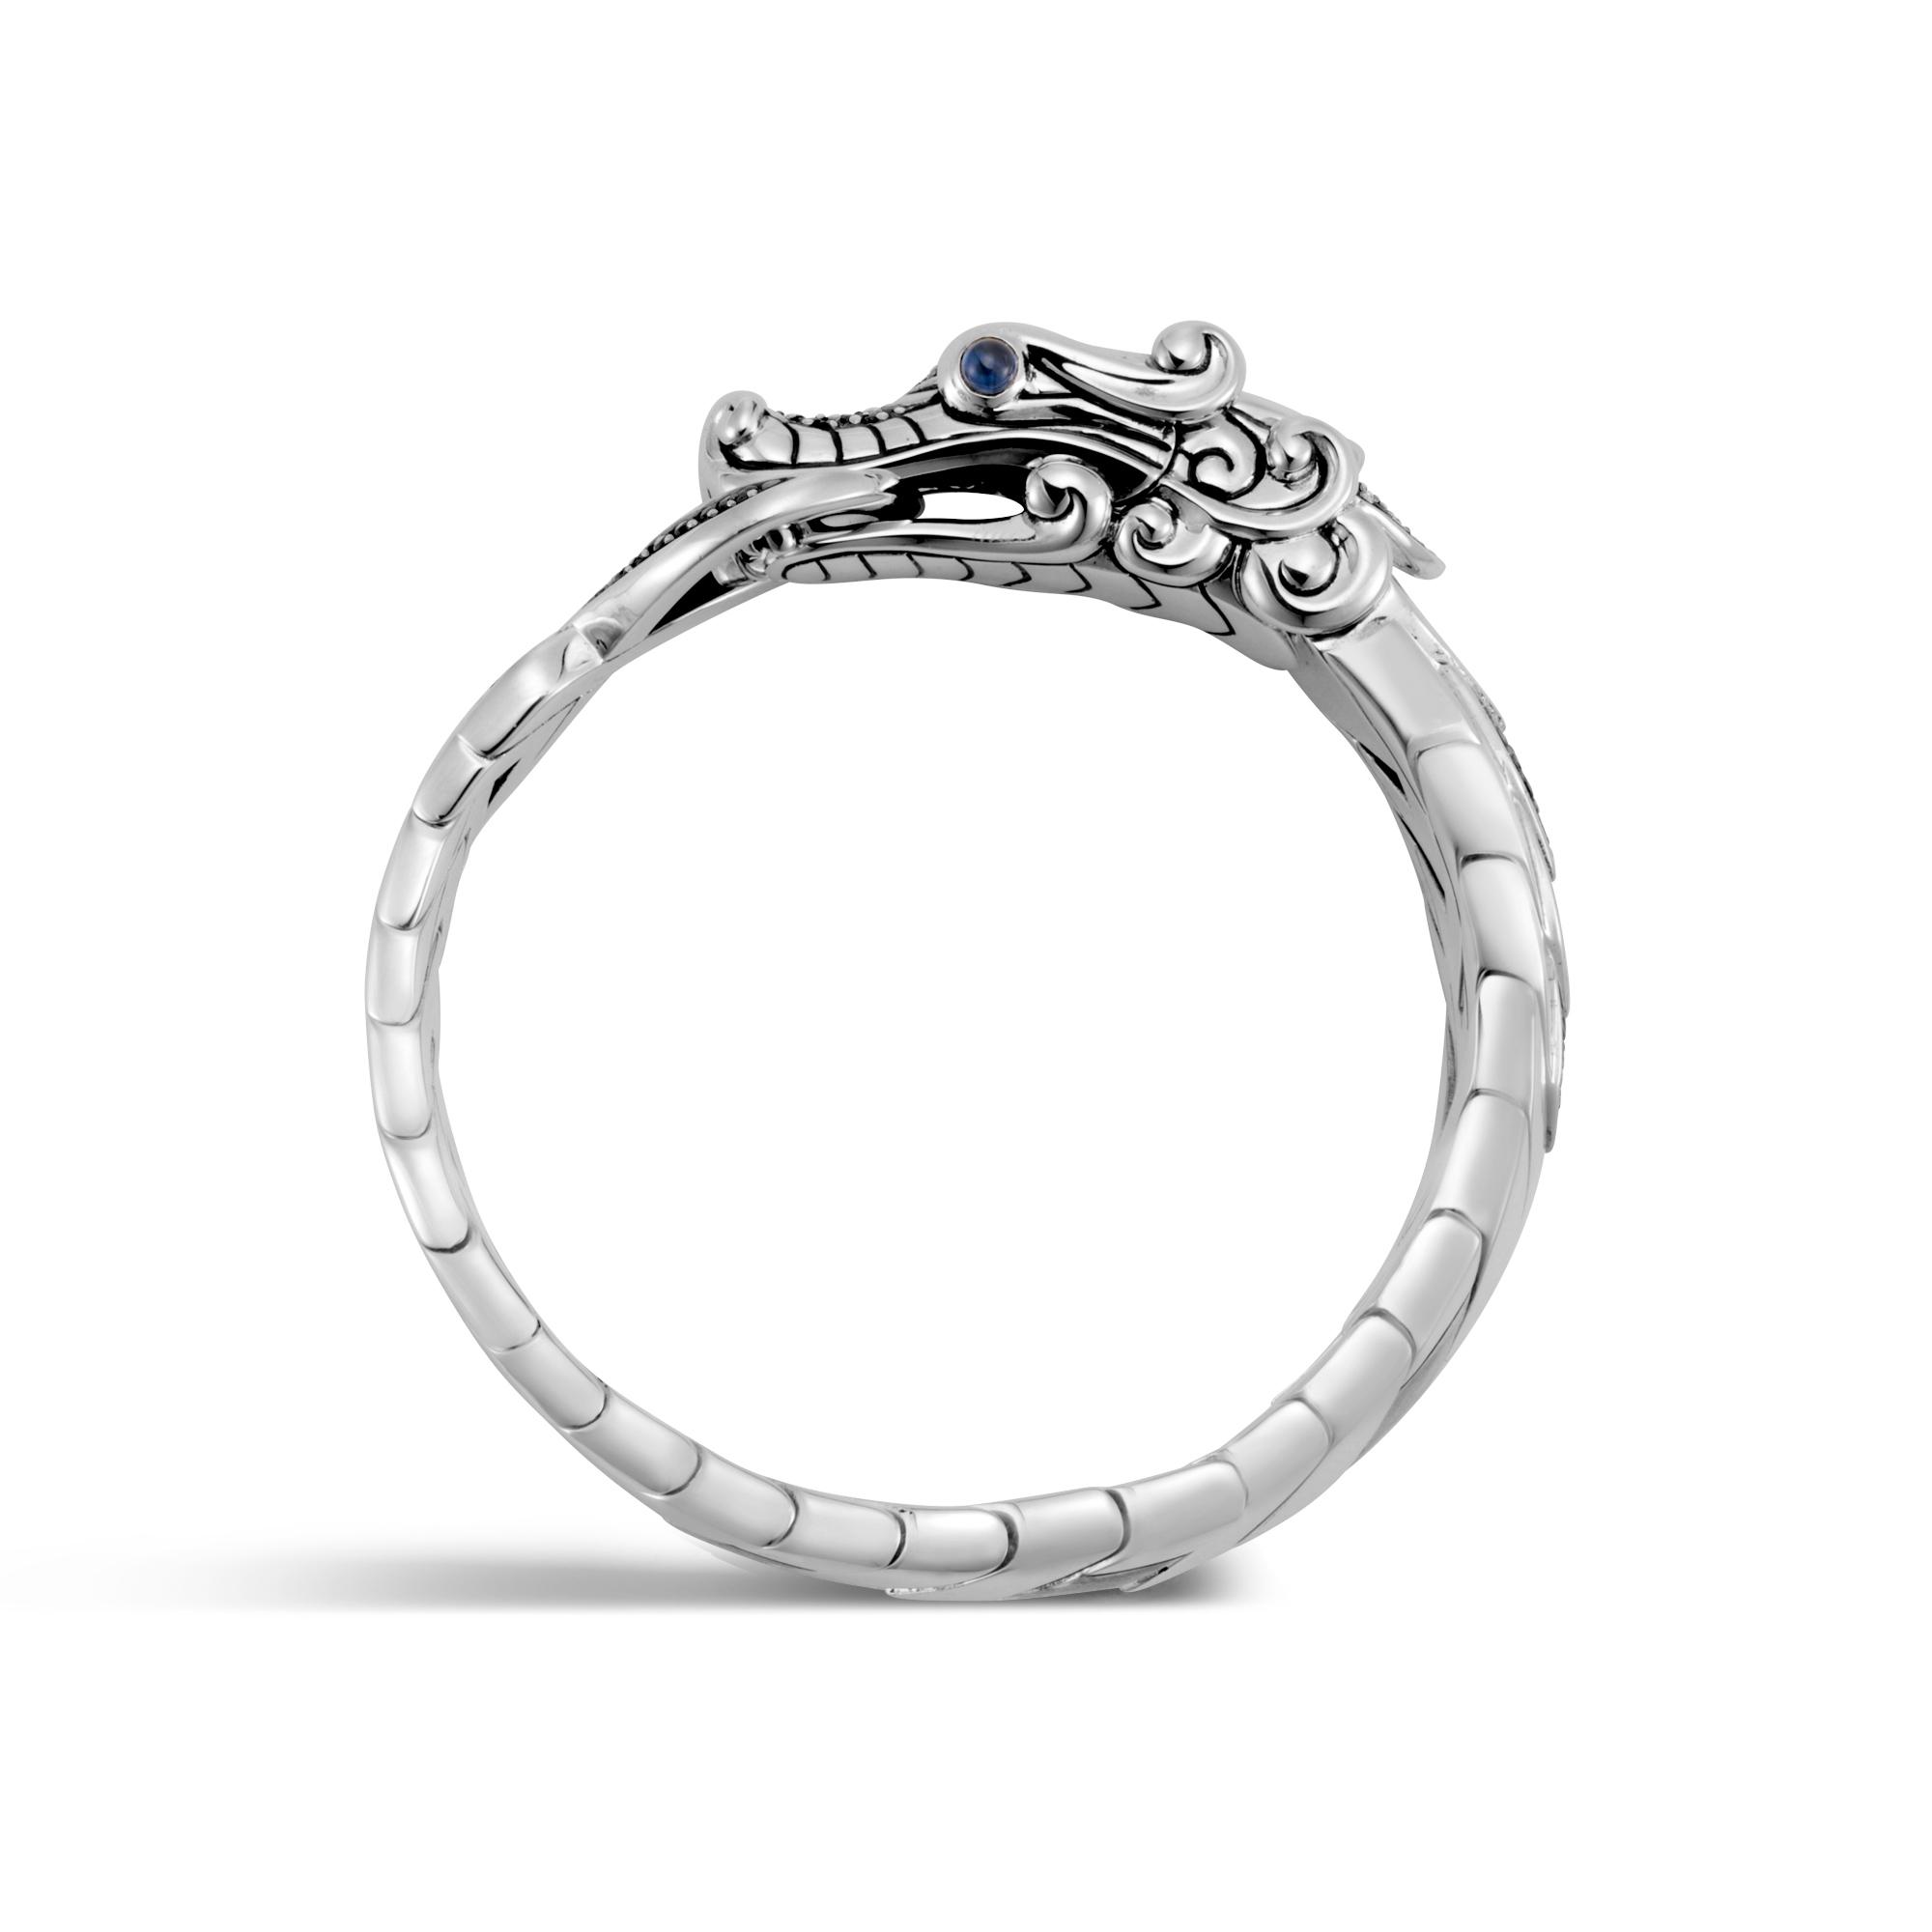 Legends Naga Bracelet in Brushed Silver with Gemstone, Black Spinel, large